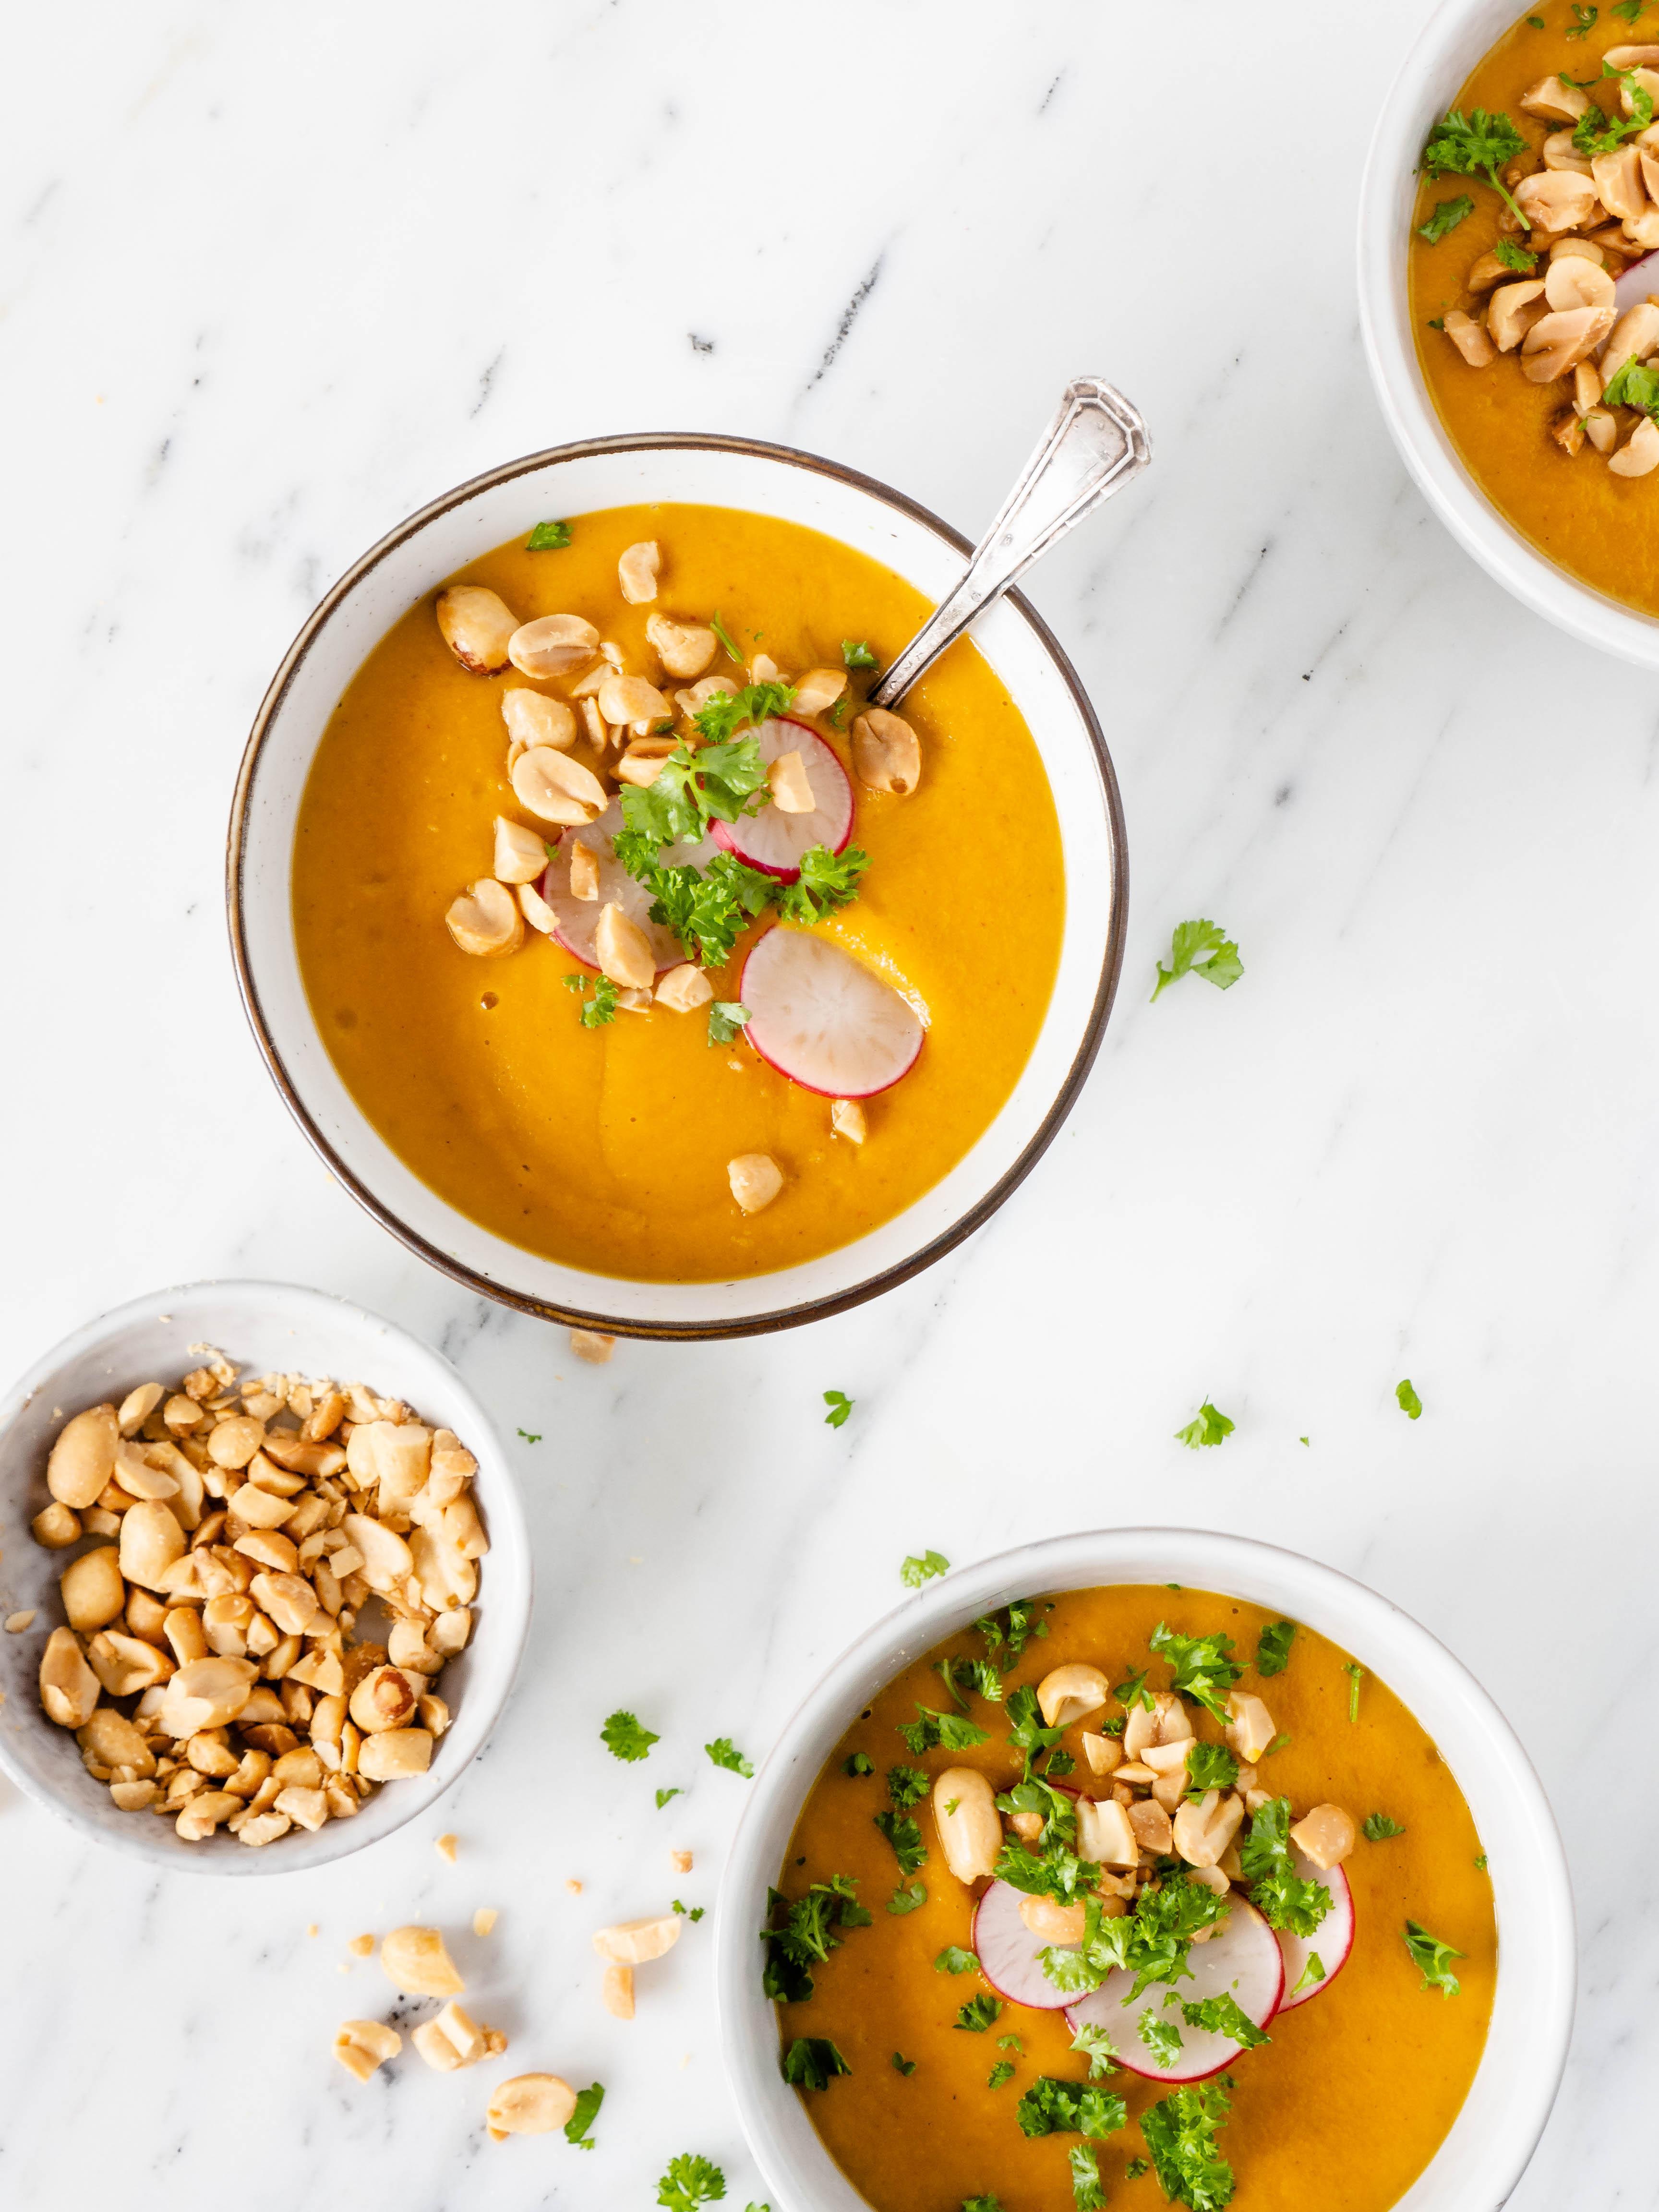 Zoete aardappel wortel soep